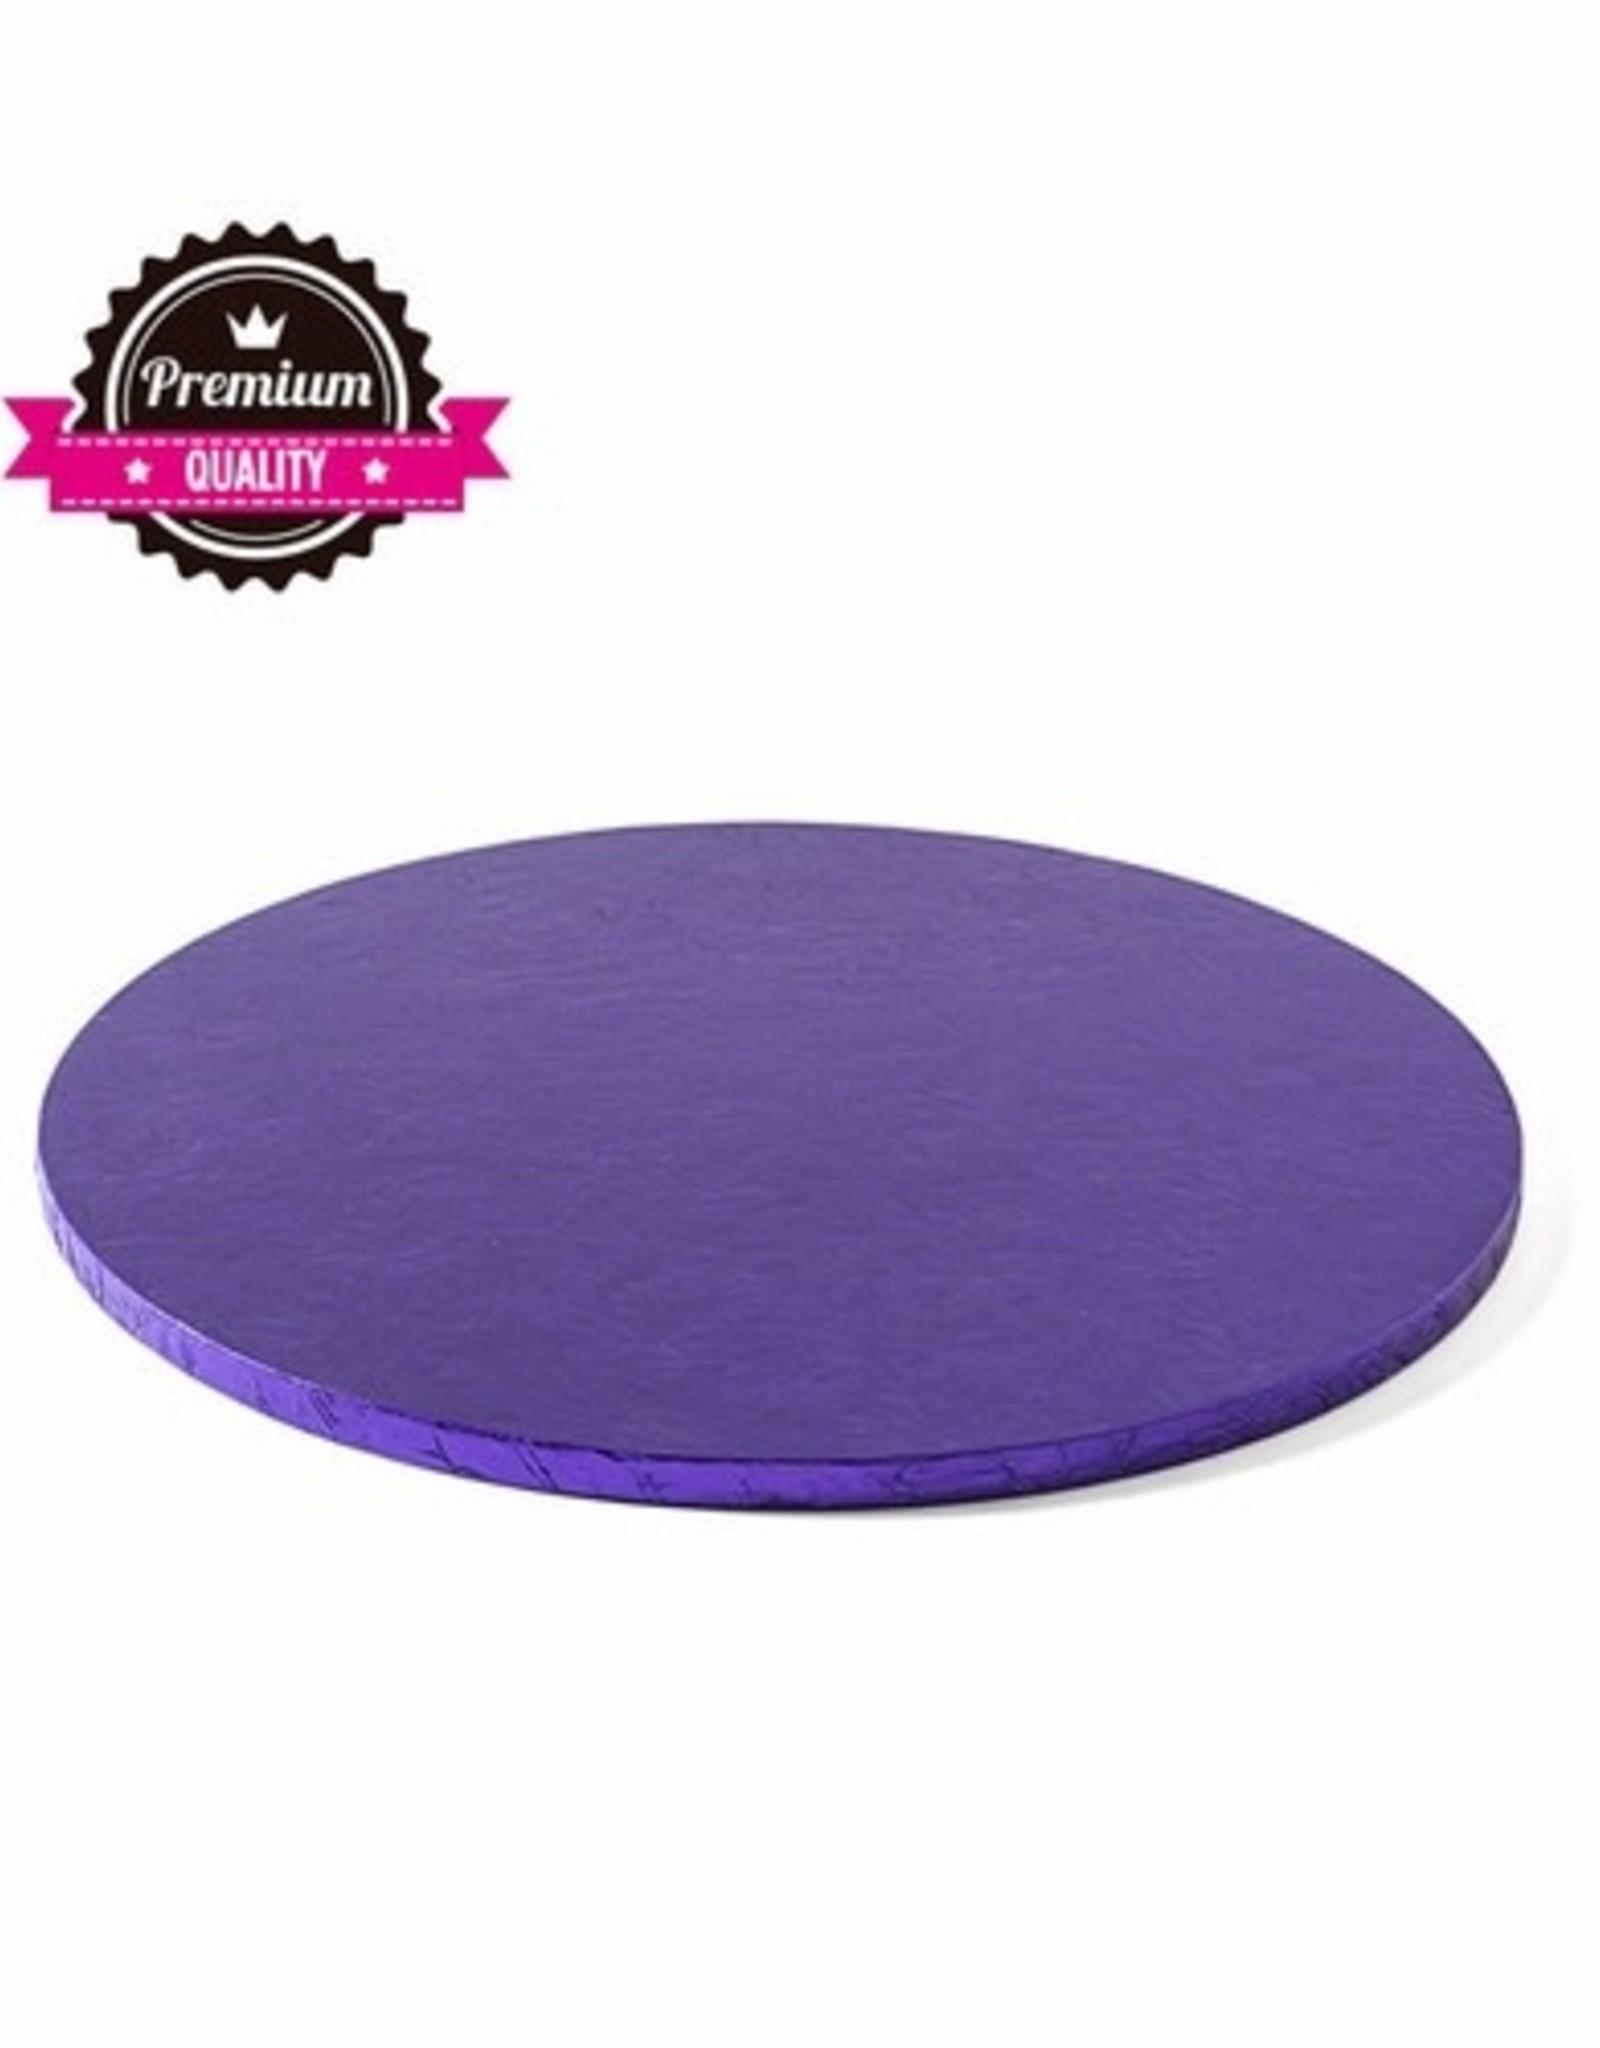 Cake Drum Rond Ø25cm Violet